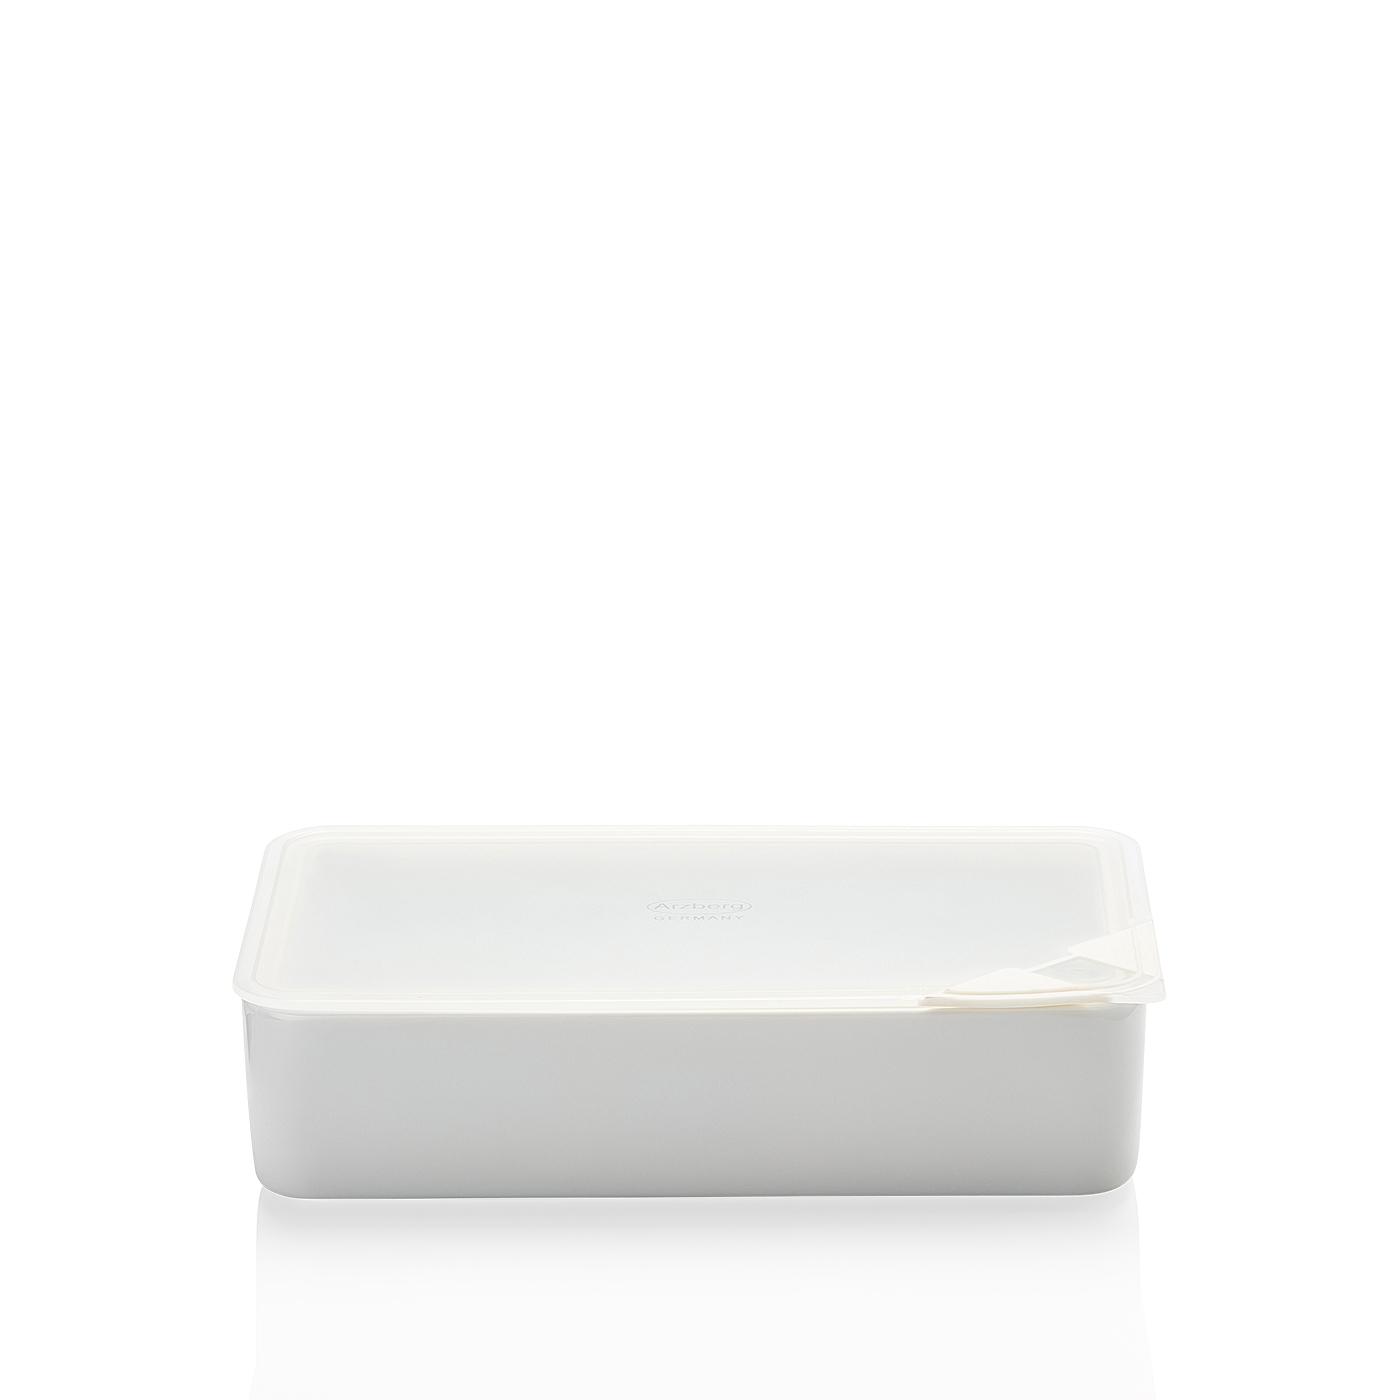 Frischebox 15x25 cm Küchenfreunde Kunststoff transparent Arzberg